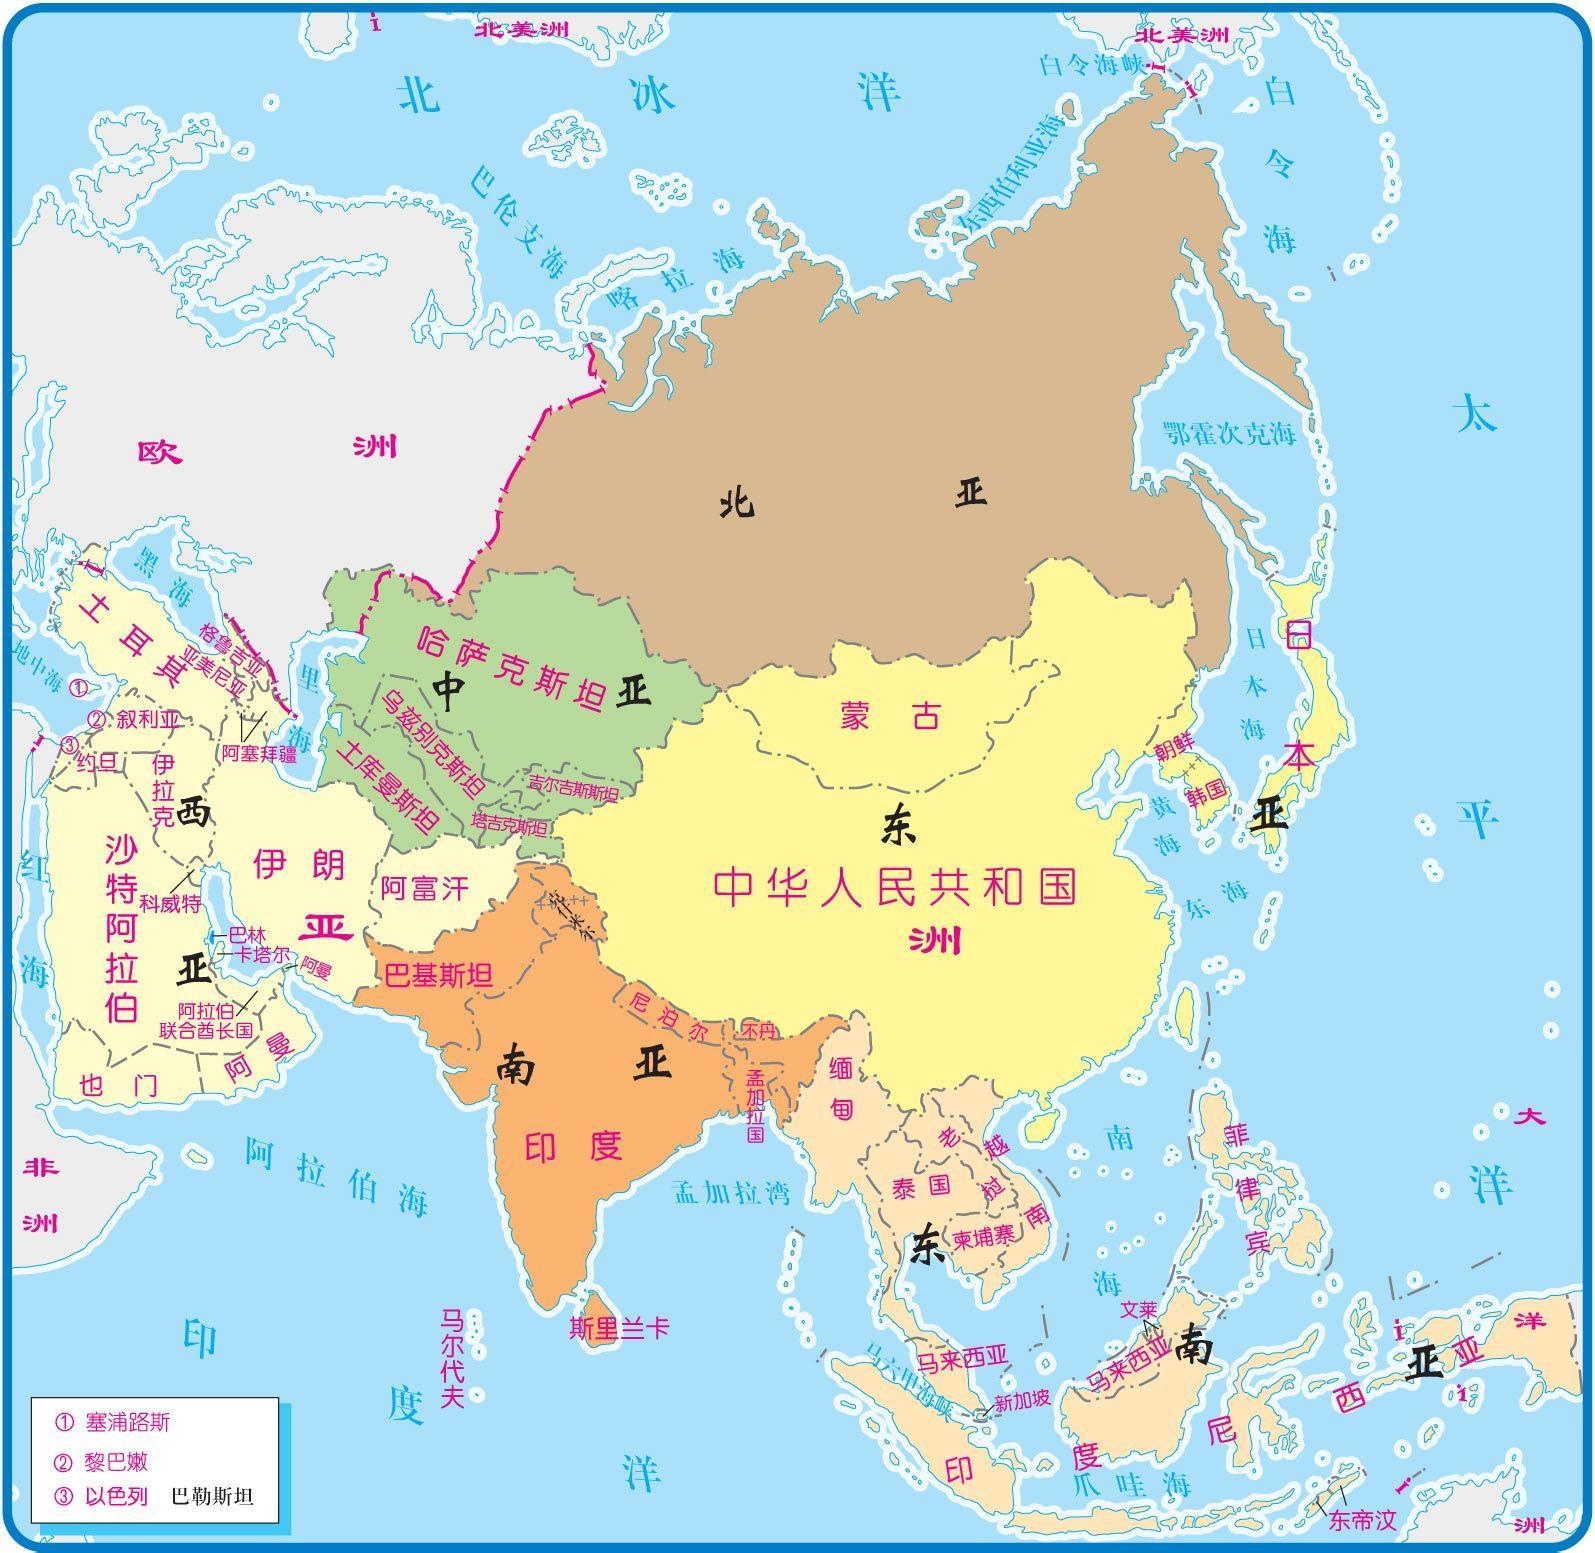 亚洲多少人口_为何蒙古国不属于汉字文化圈呢